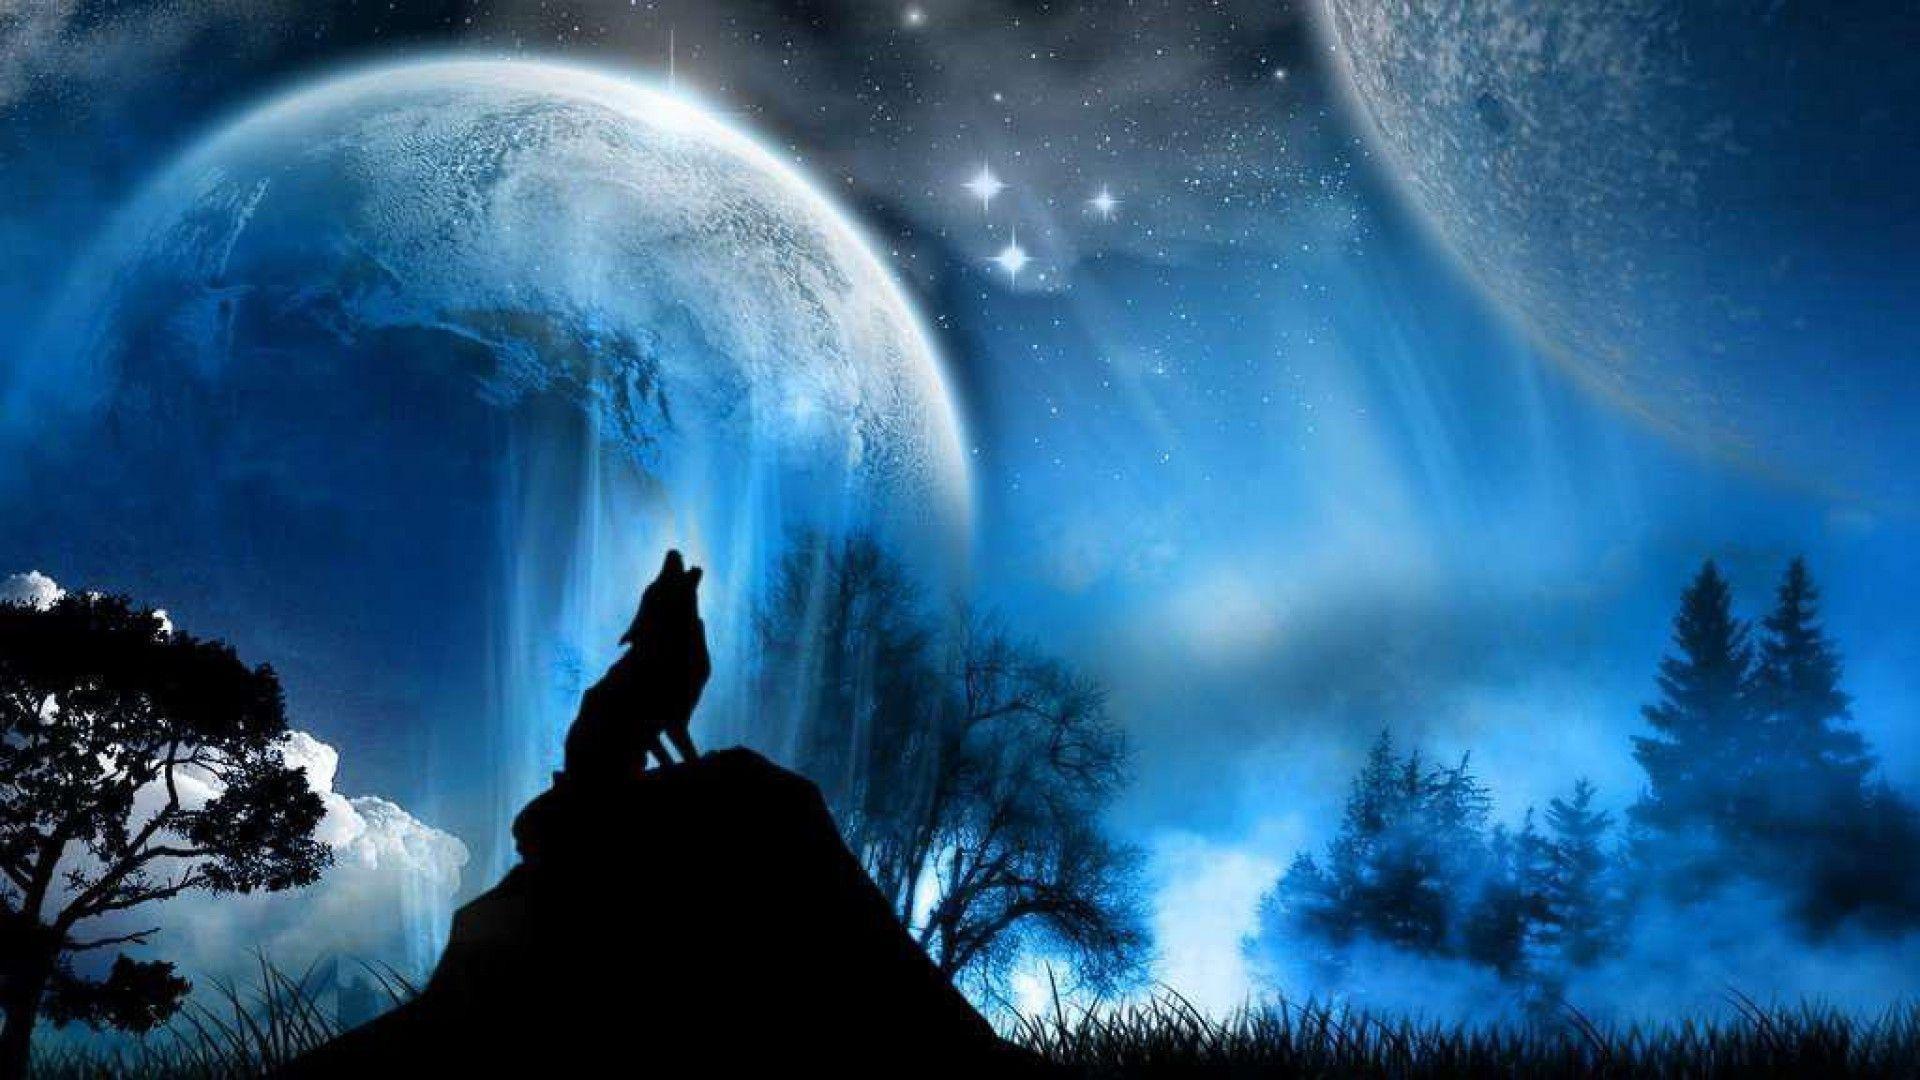 Wolf Wallpaper Hd 1080p Desktop #1223 Wallpaper | walldesktophd.